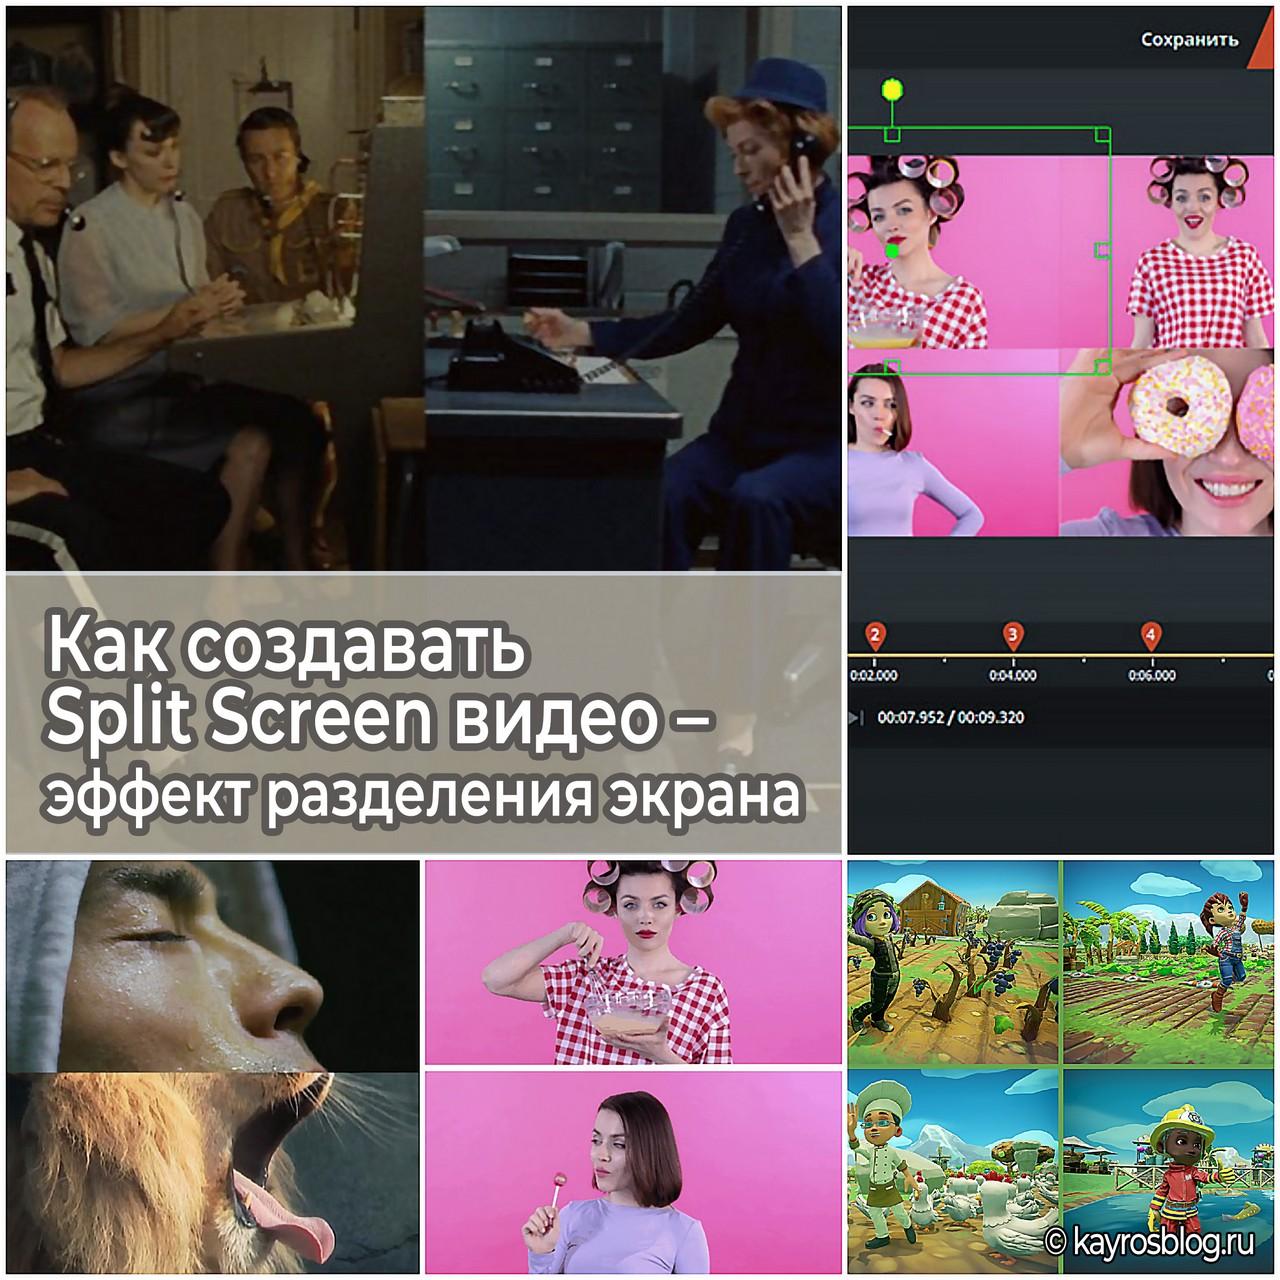 Как создавать Split Screen видео – эффект разделения экрана на несколько частей